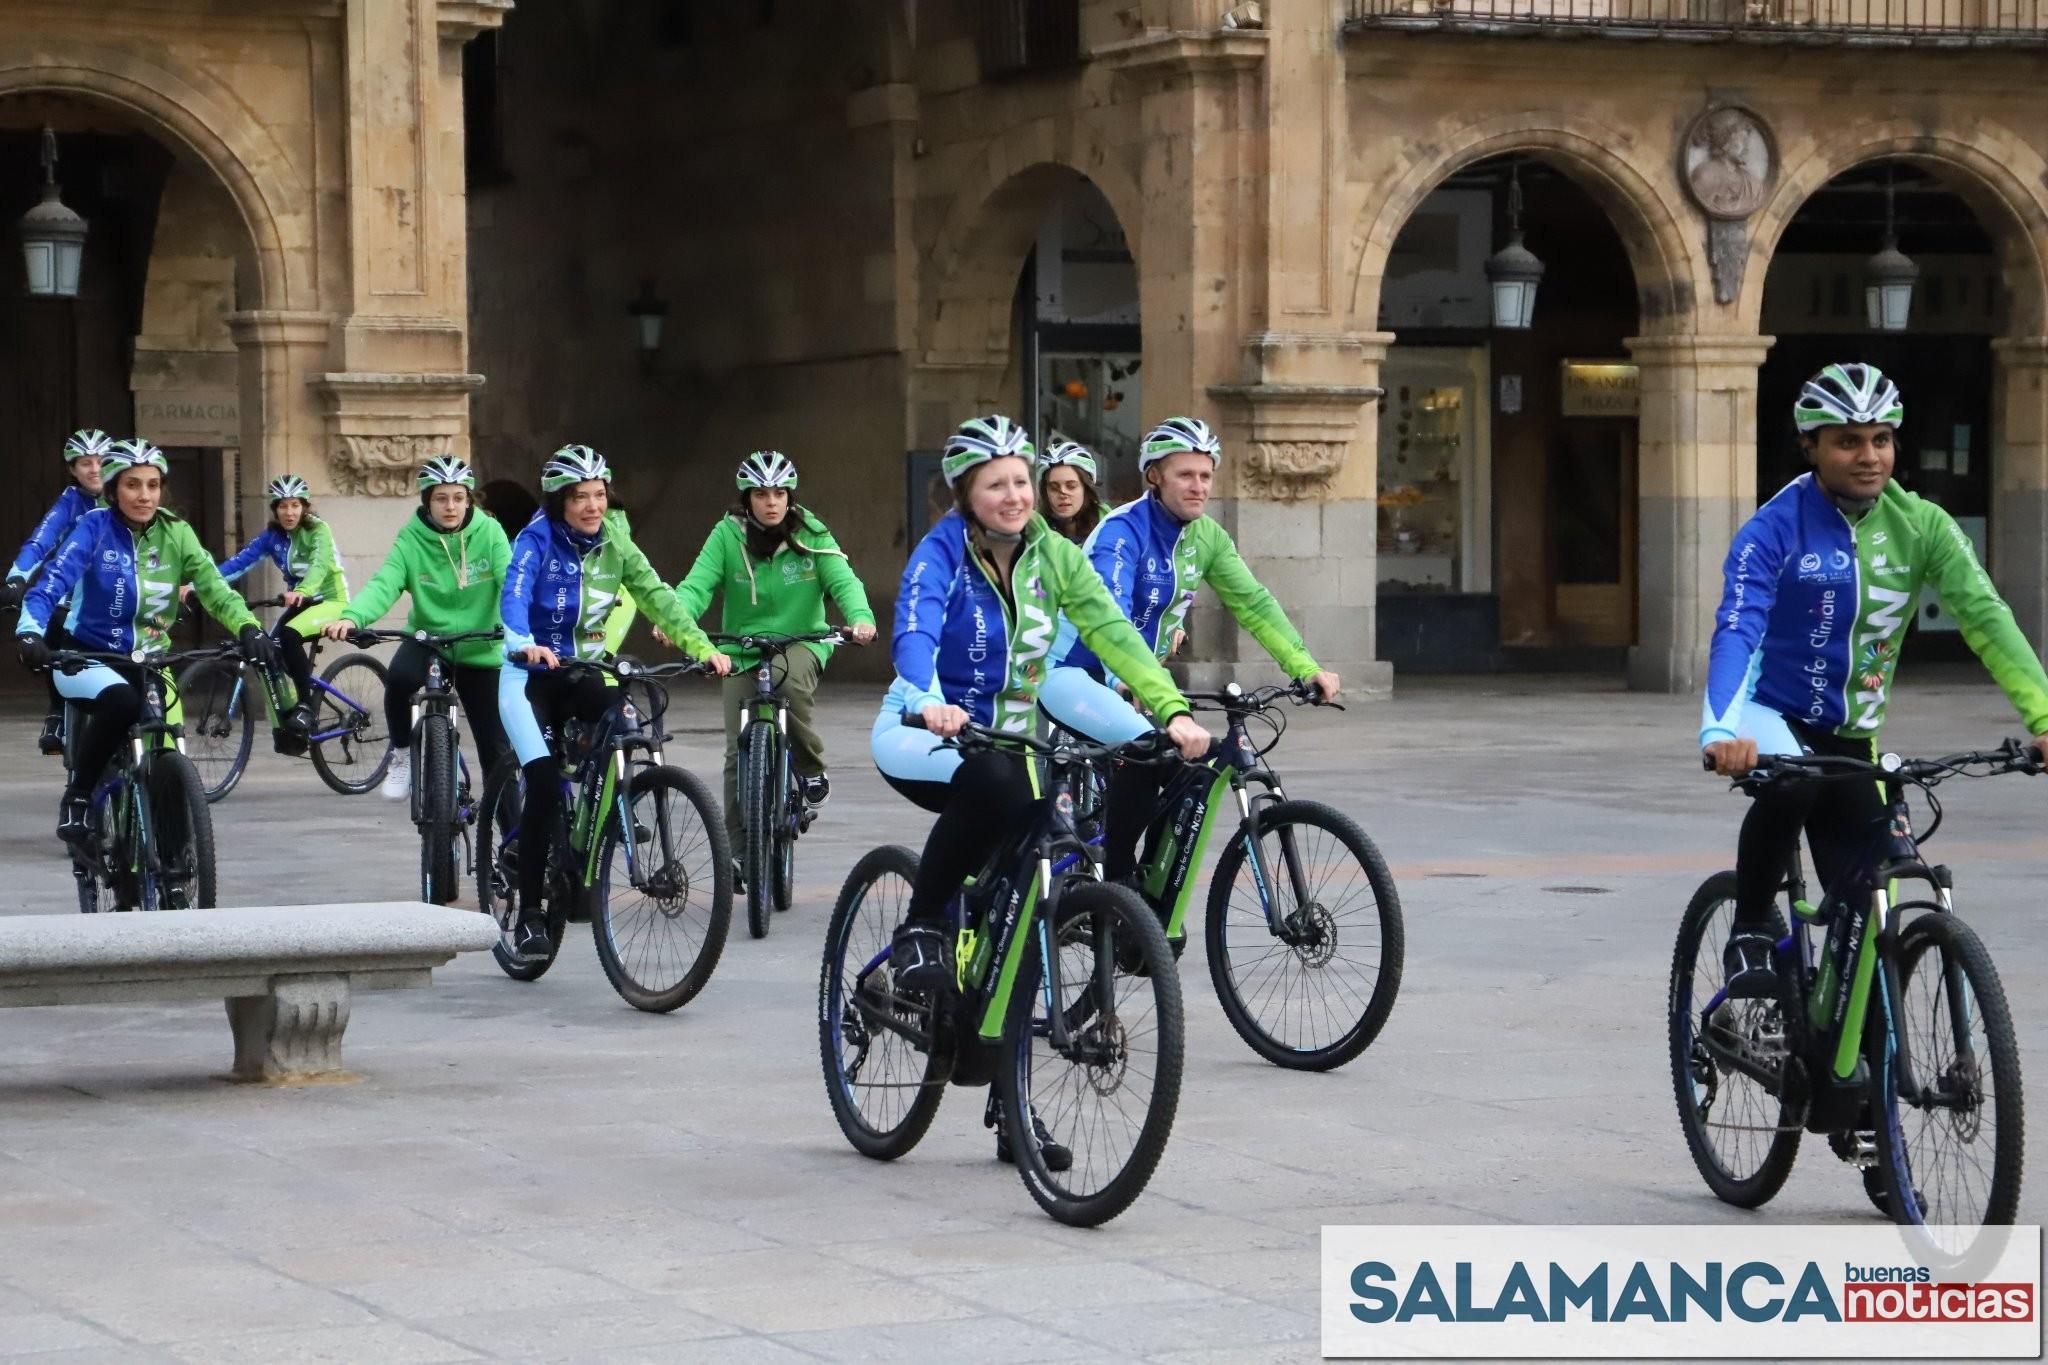 La ruta ciclista 'Moving for Climate NOW' parte de Salamanca hacia la Cumbre del Clima (COP25)